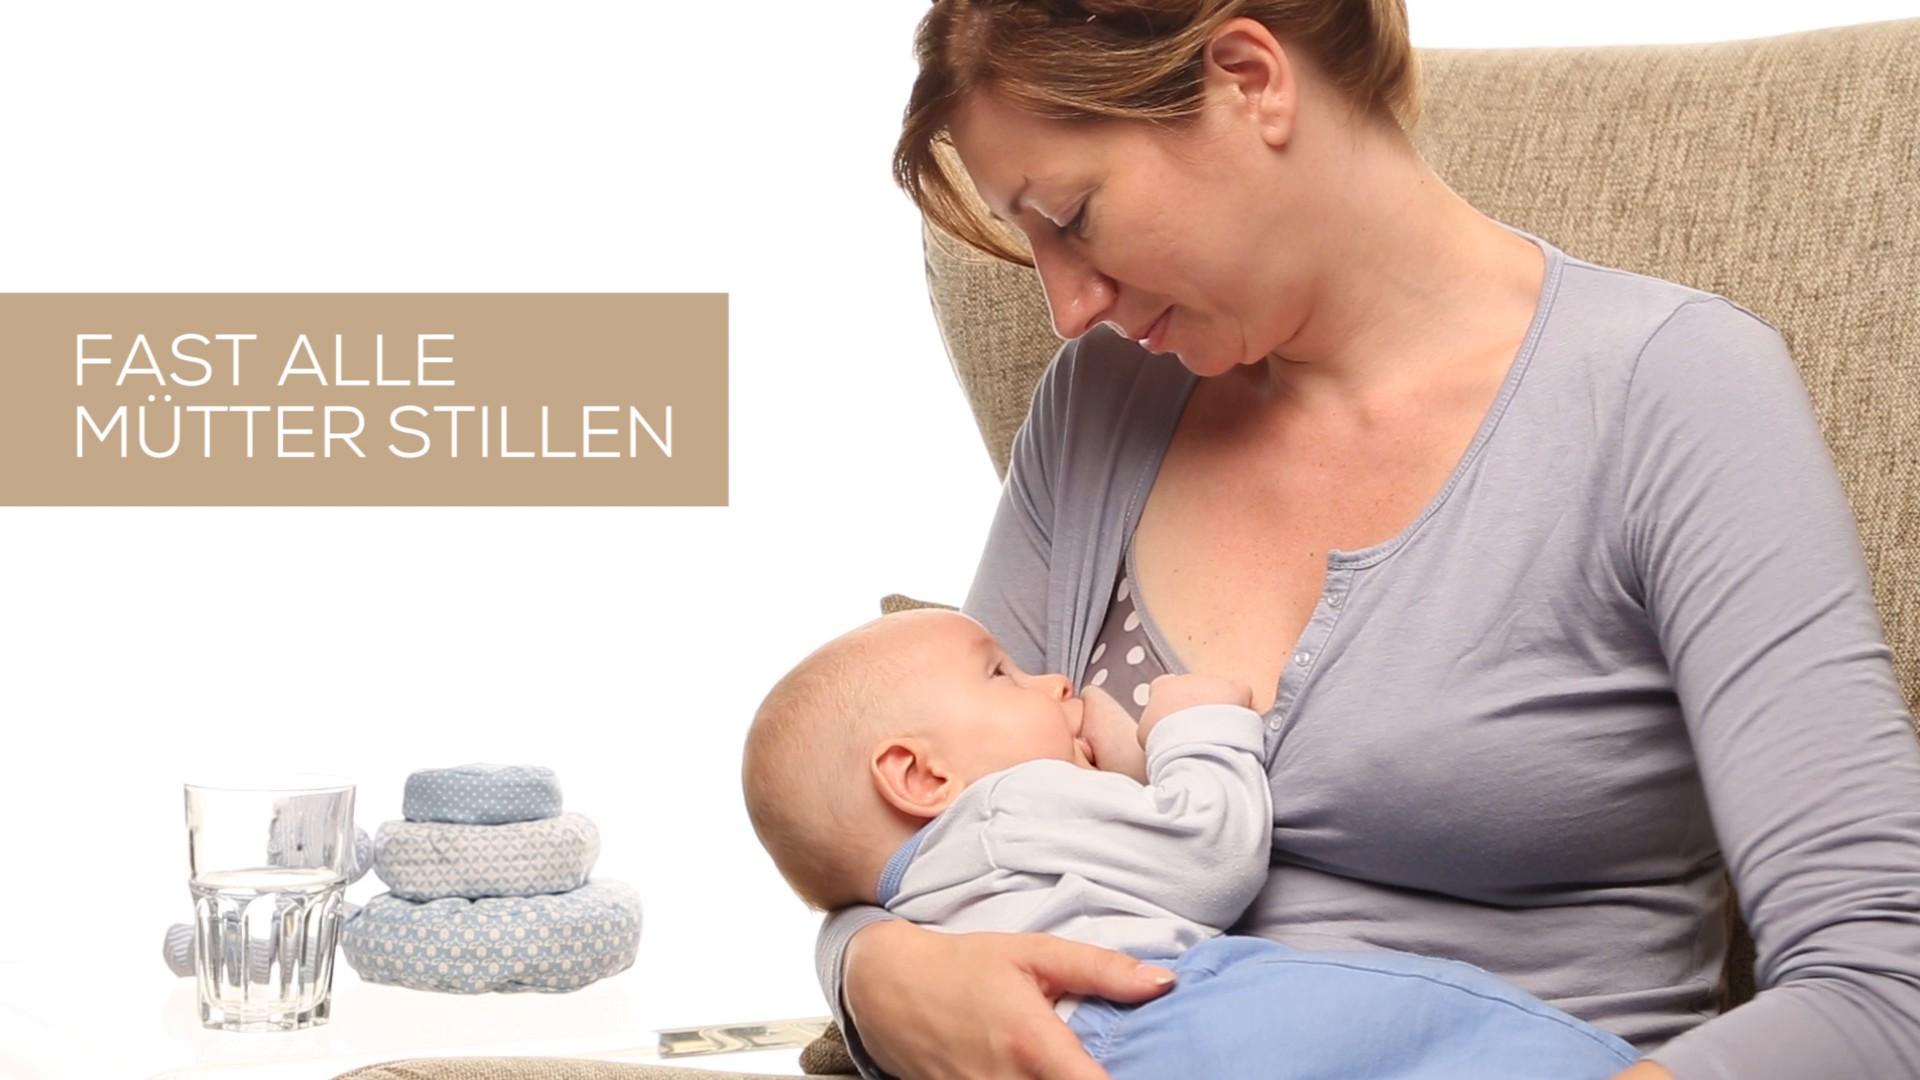 Babymythos_Wer sein Kind nicht stillt, ist eine schlechte Mutter! mit VO_EL.mp4: image 1